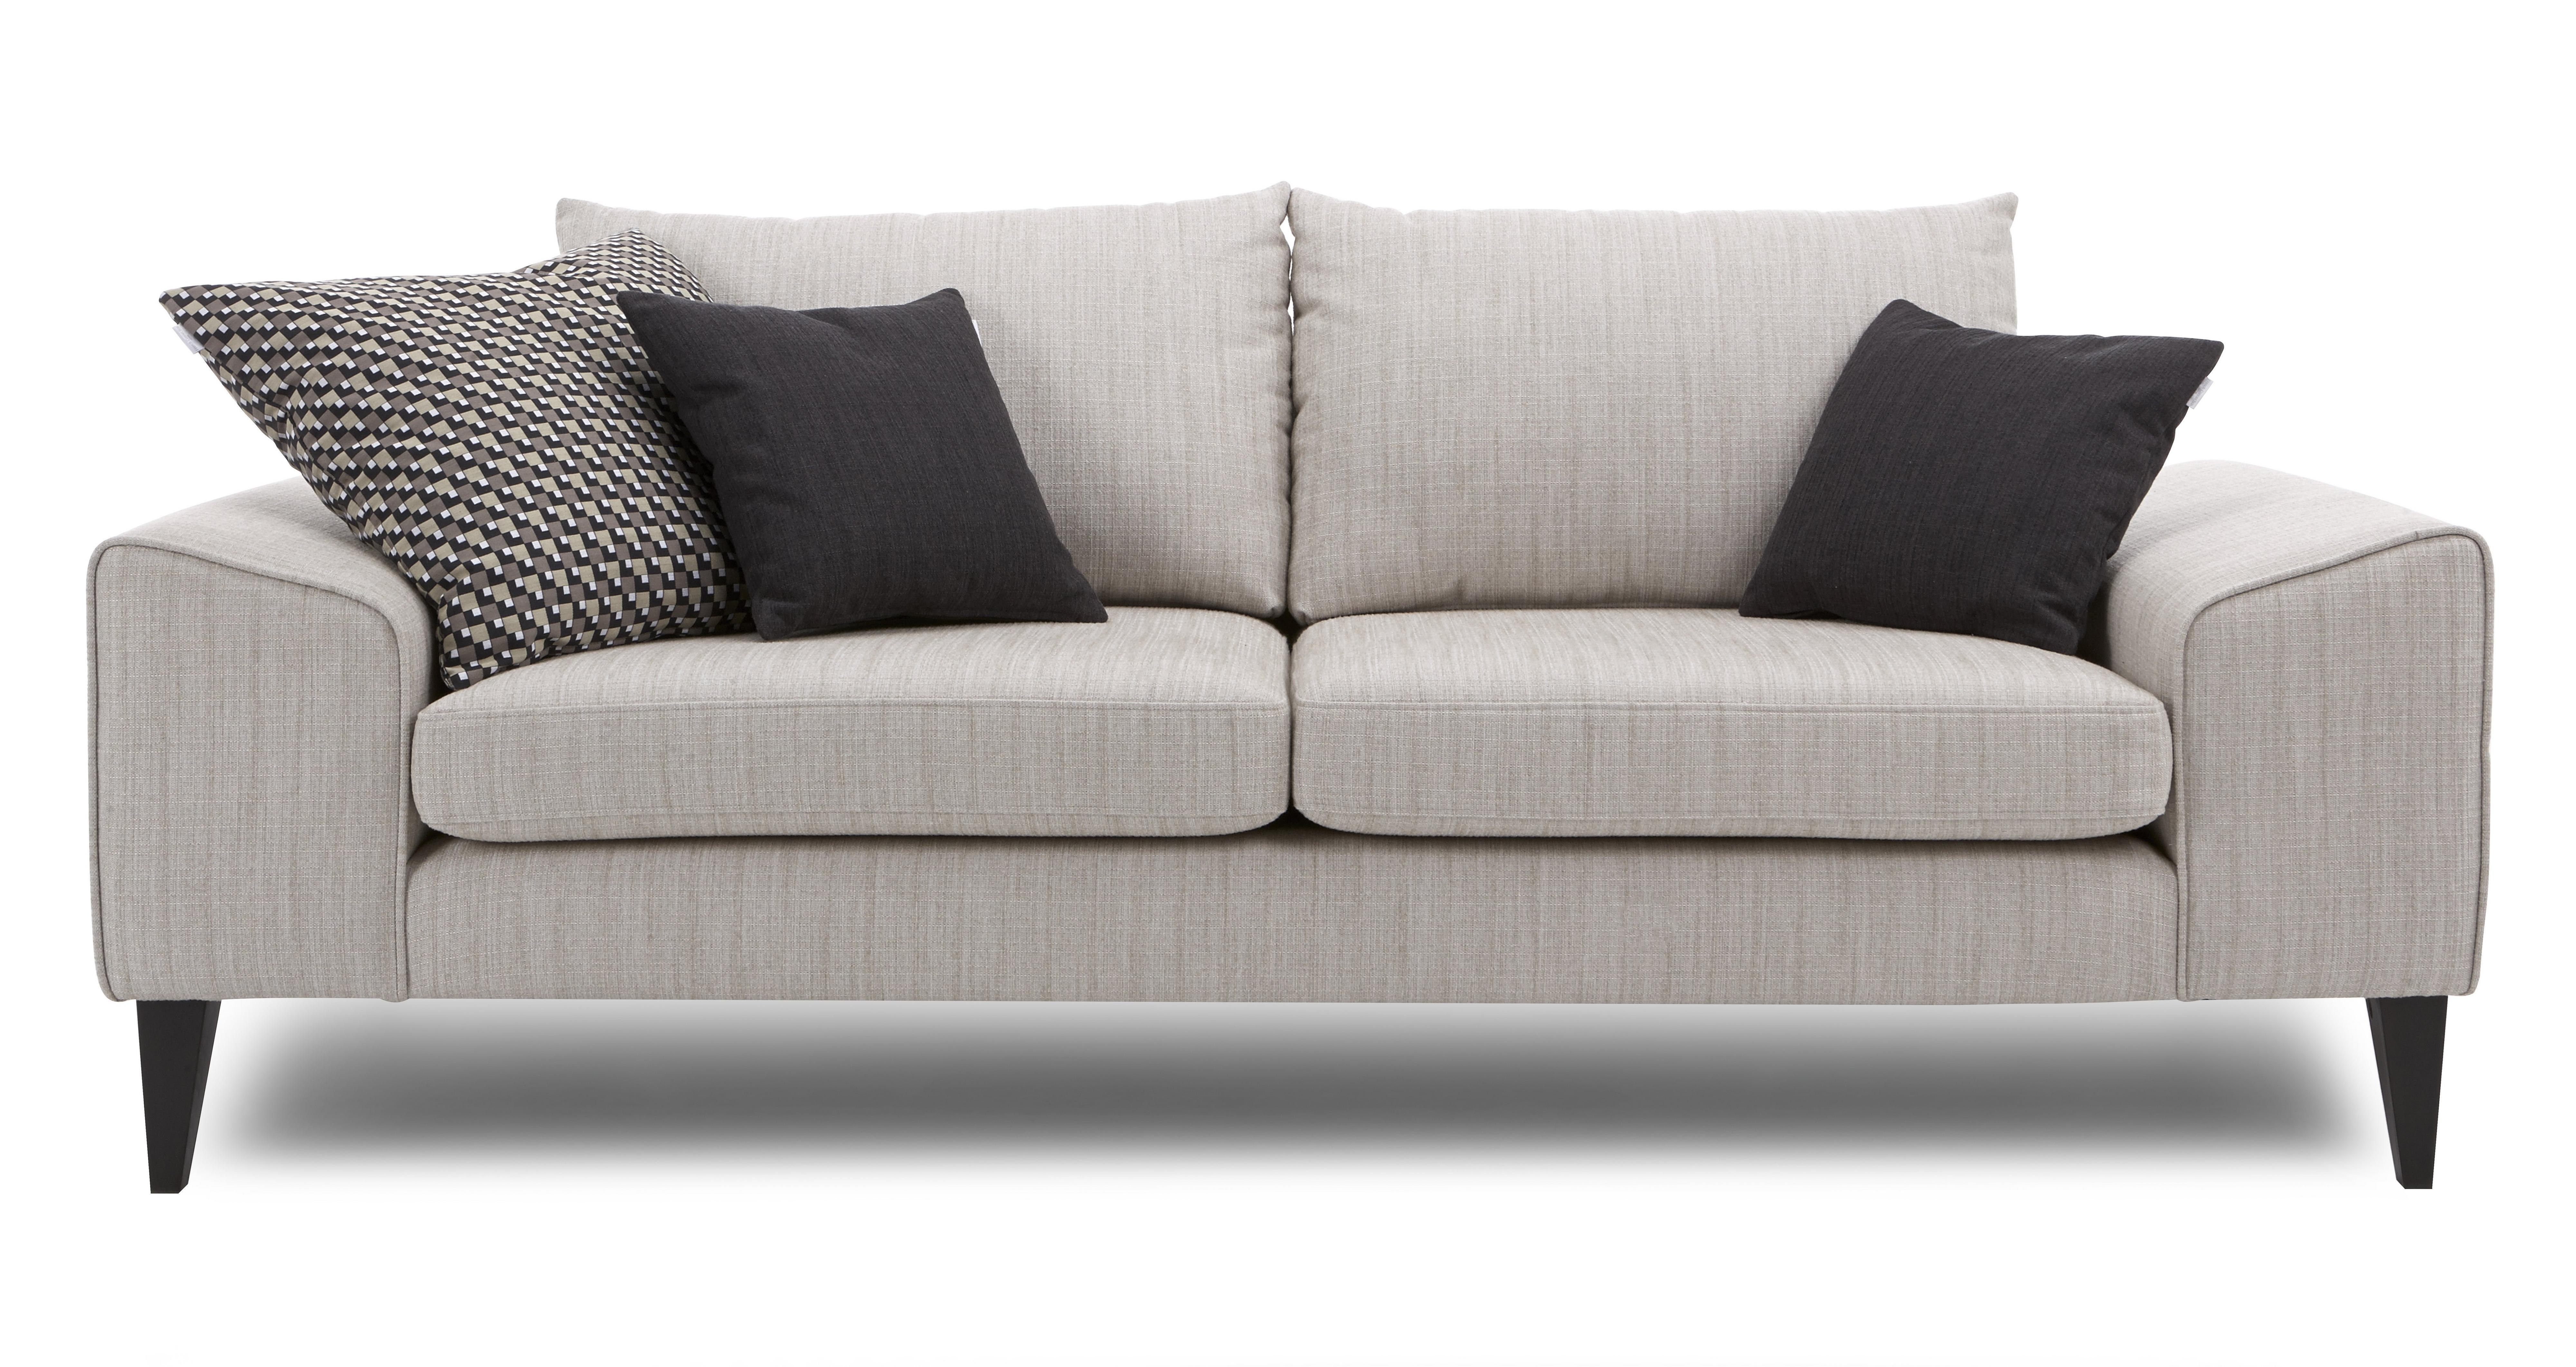 dbcc72e8ca0 Quartz Left Hand Facing Chaise Sofa | DFS